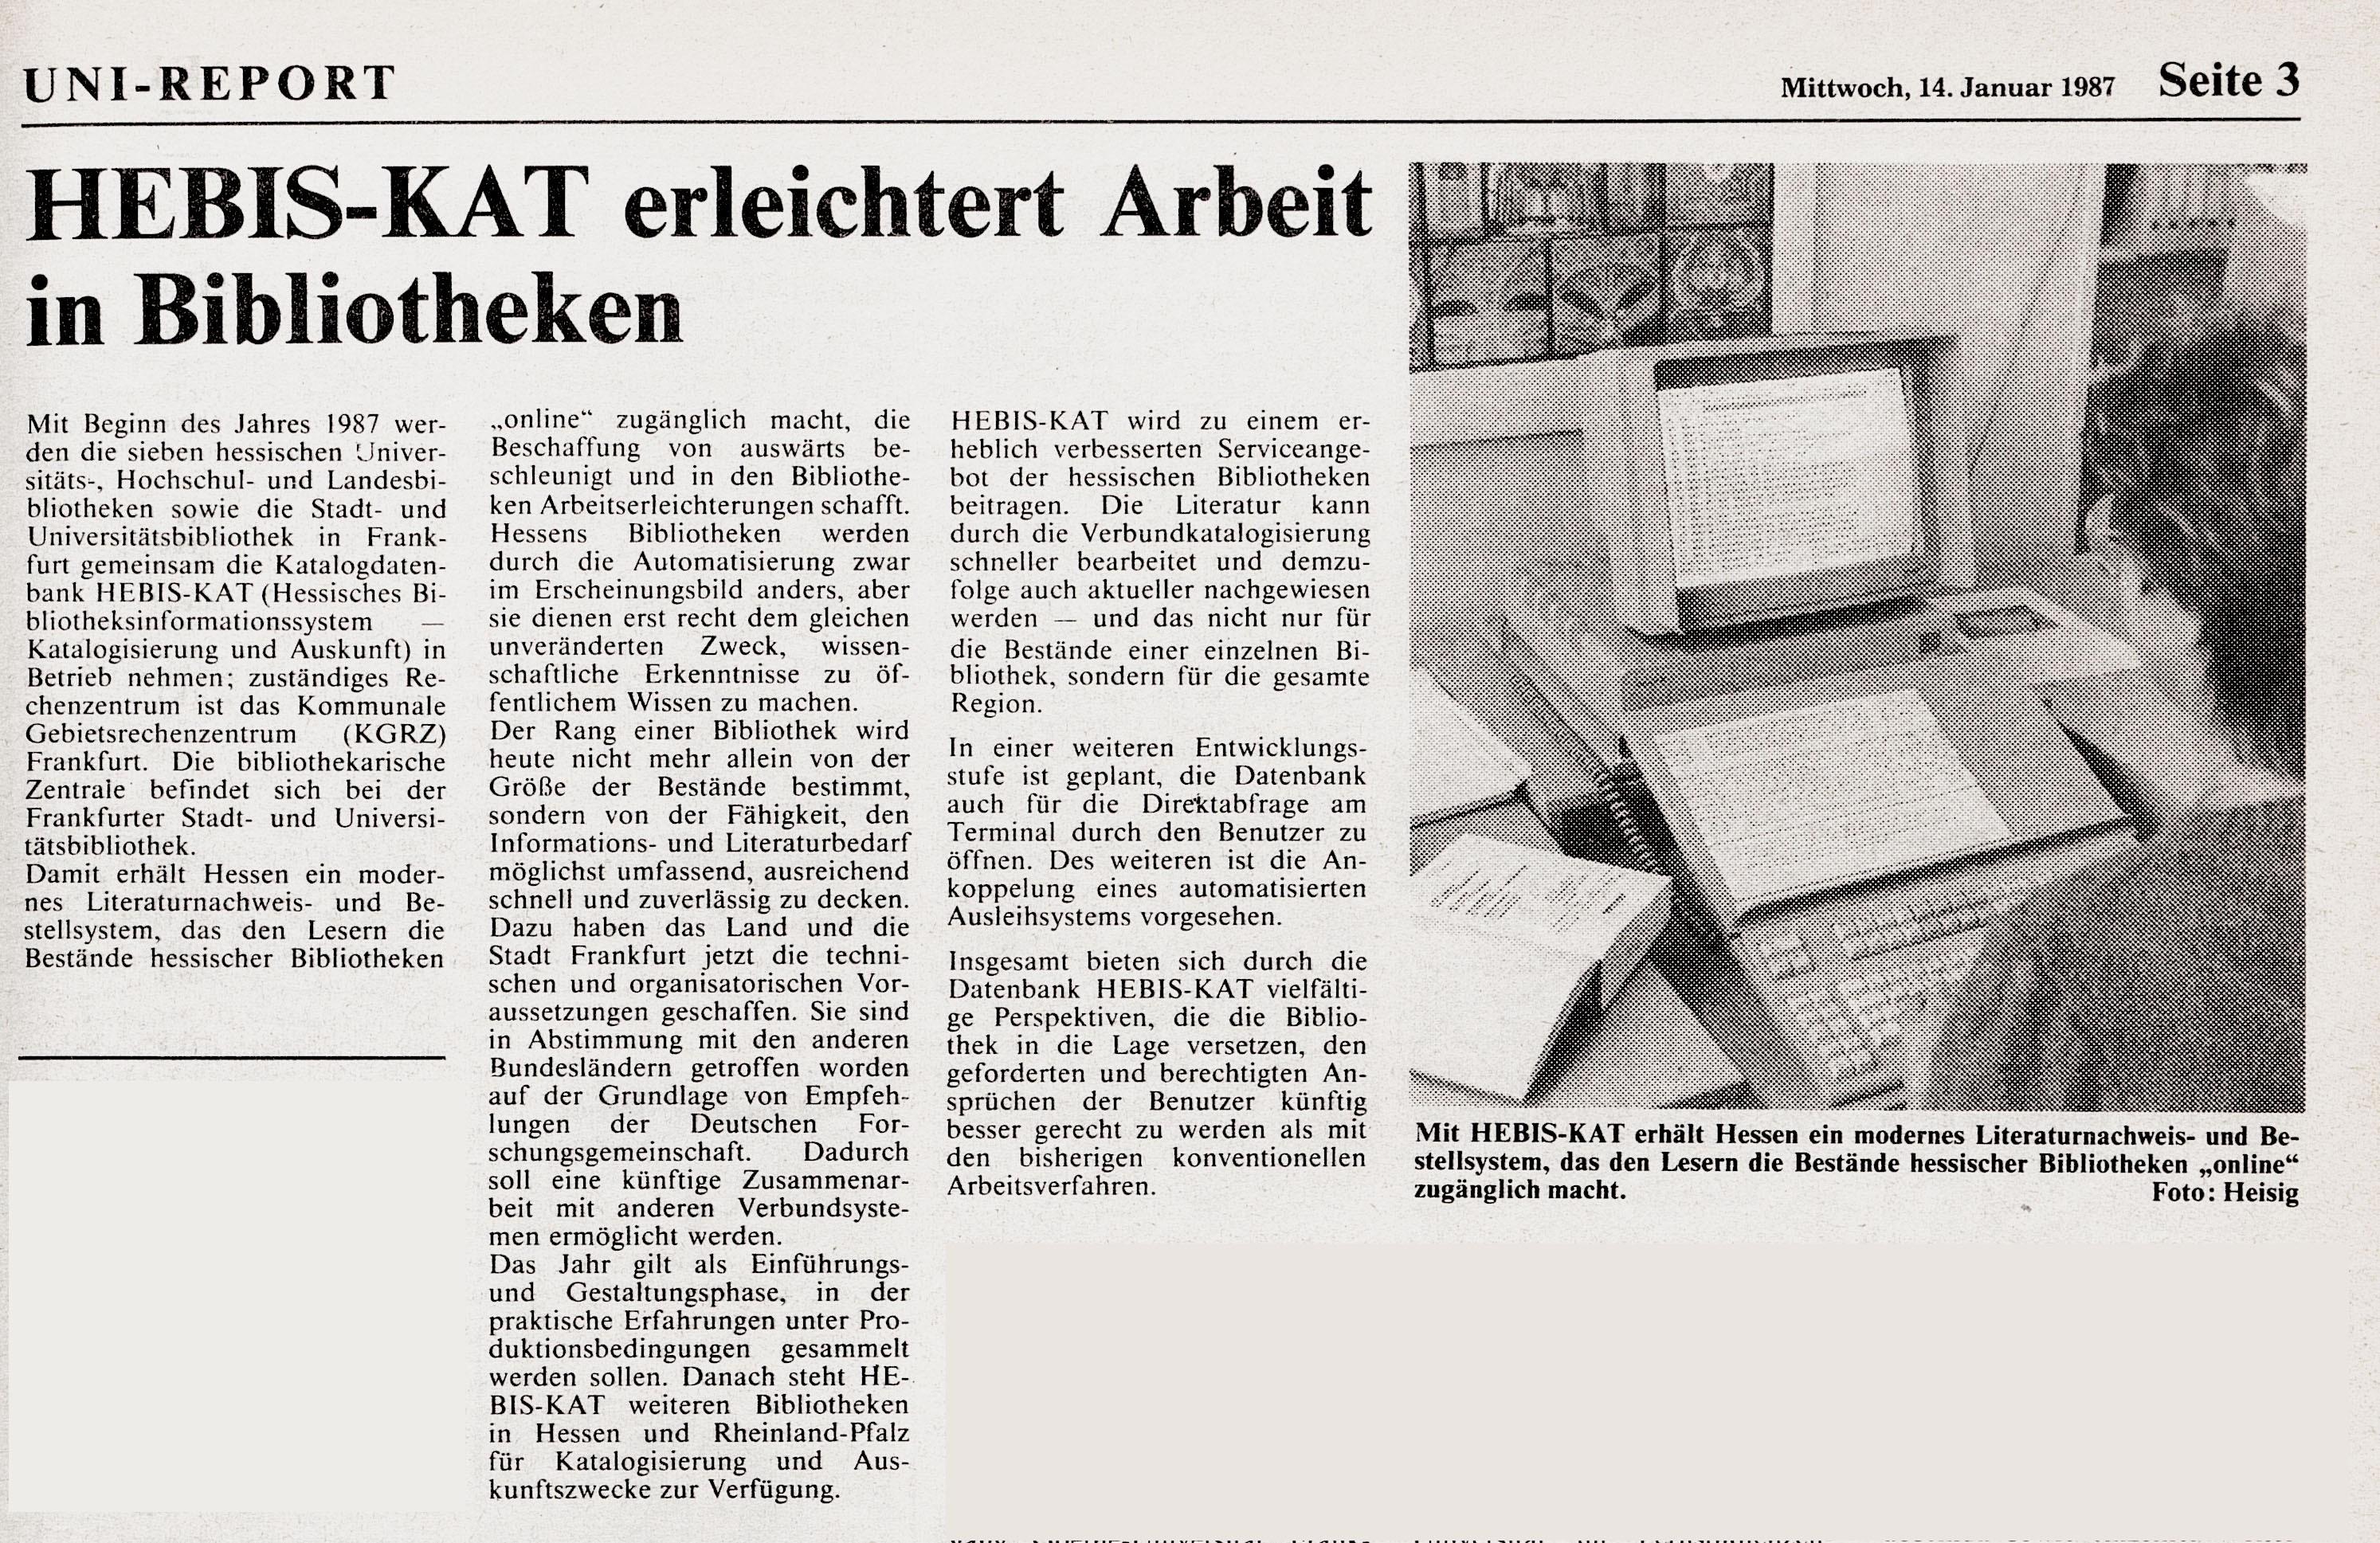 Zum Start von HeBIS KAT im Jahr 1987 wurden in einem Zeitungsartikel Vorteile des neuen Systems beleuchtet